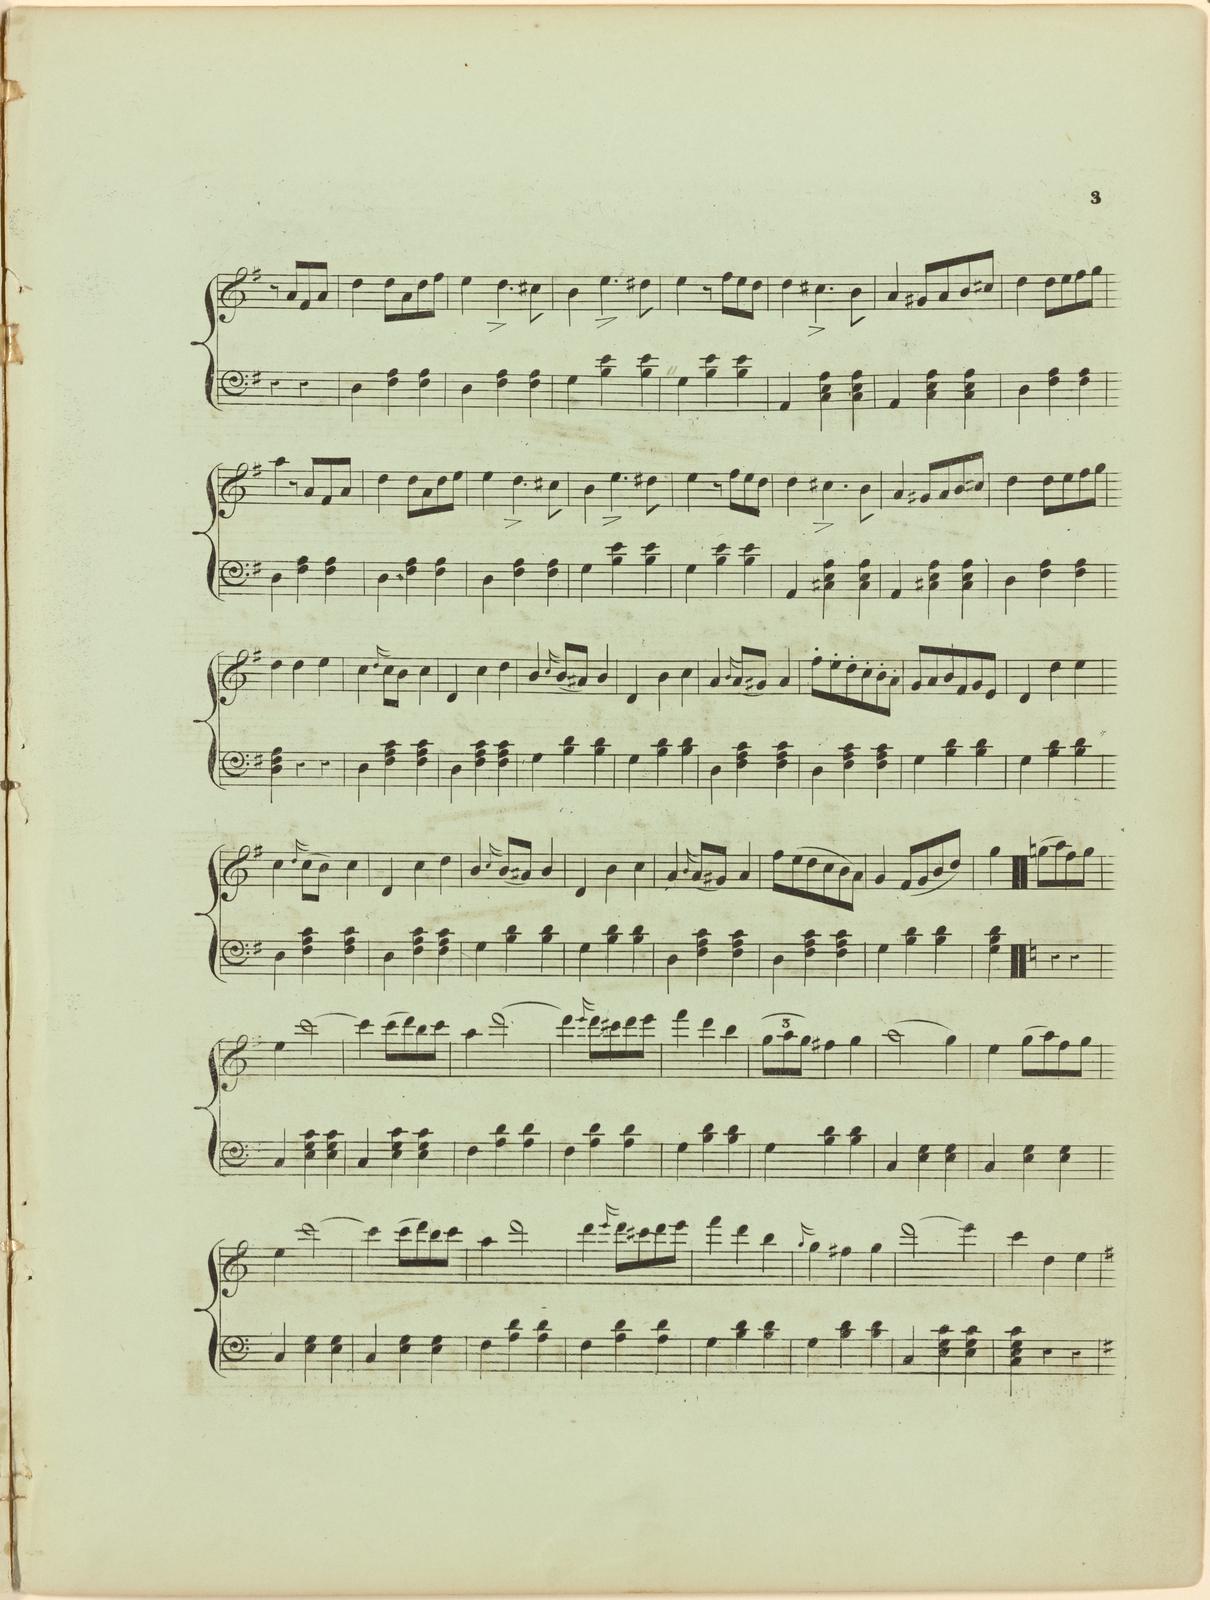 El jaleo de Xeres or La gitana as danced by Fanny Elssler. Lith. of G. W. Lewis.